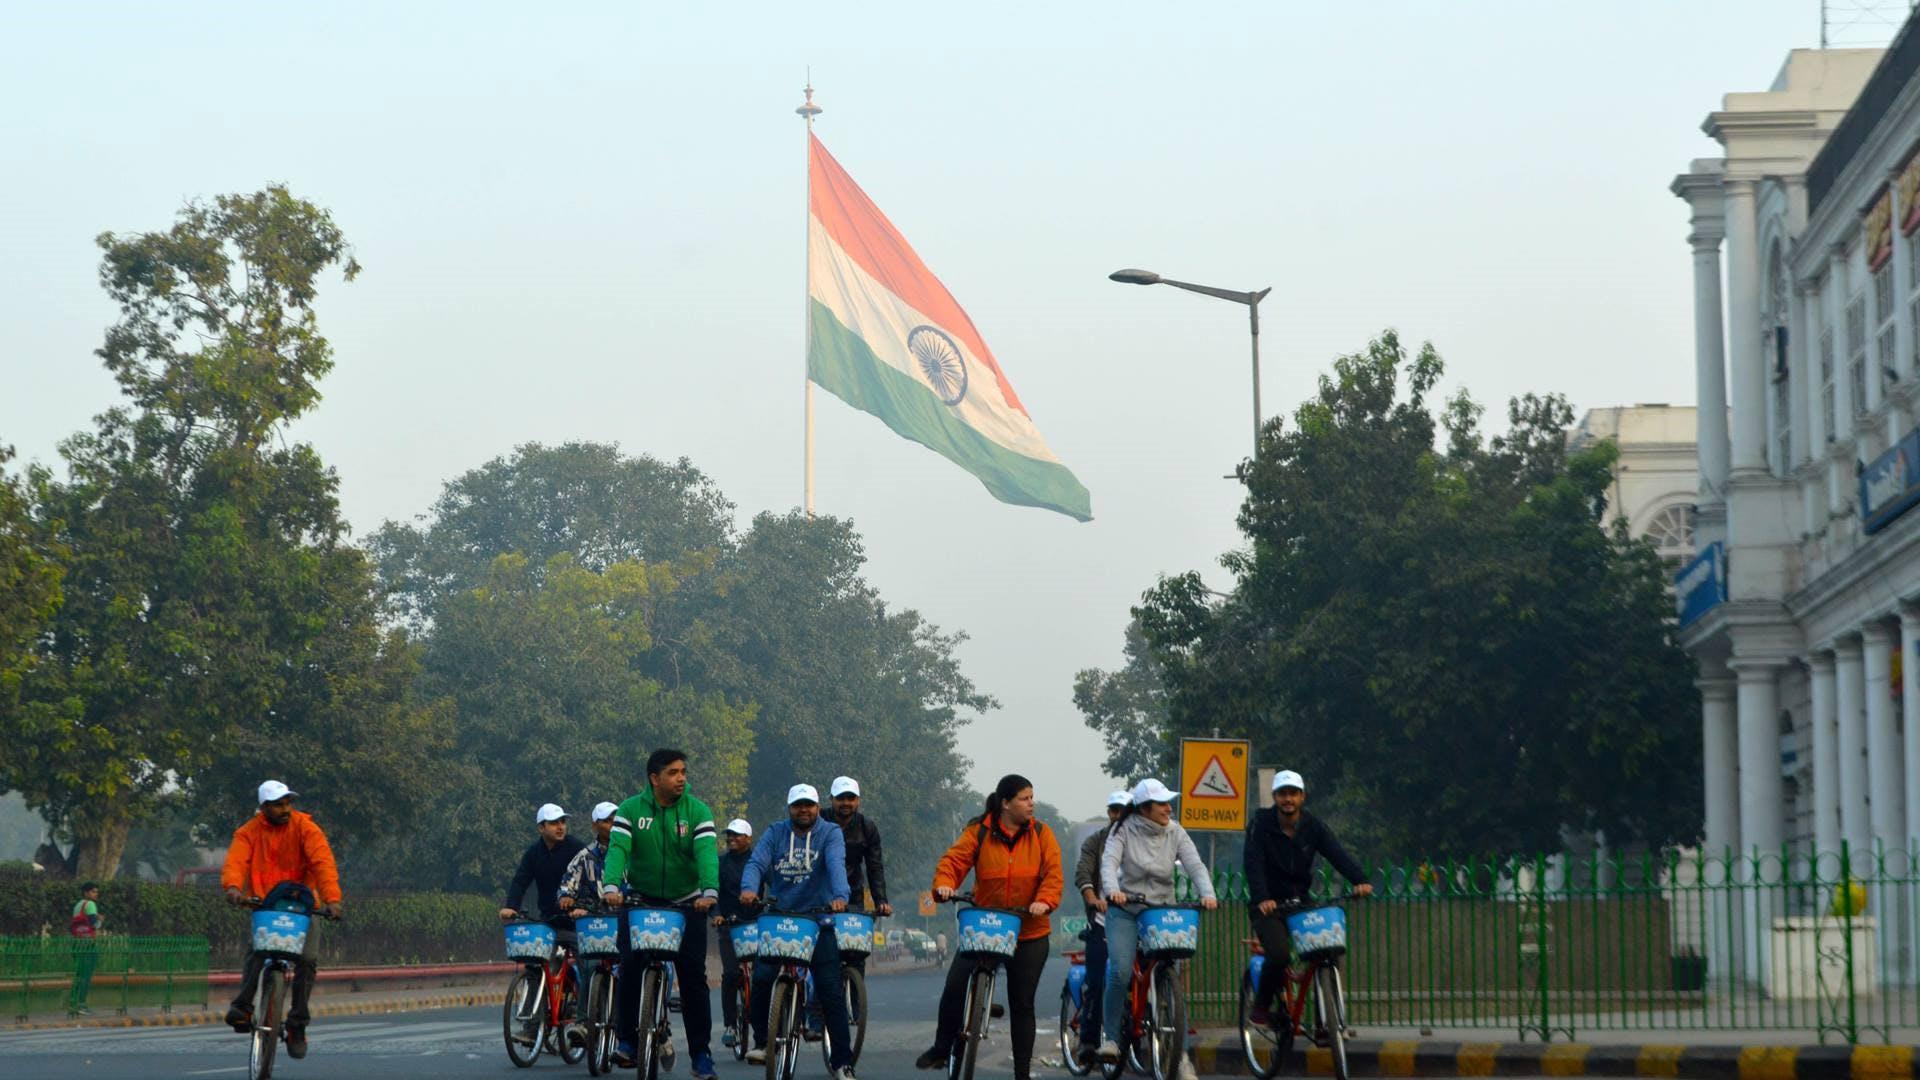 Dilli Dhadakne Do: Delhi citizens for clean air solutions